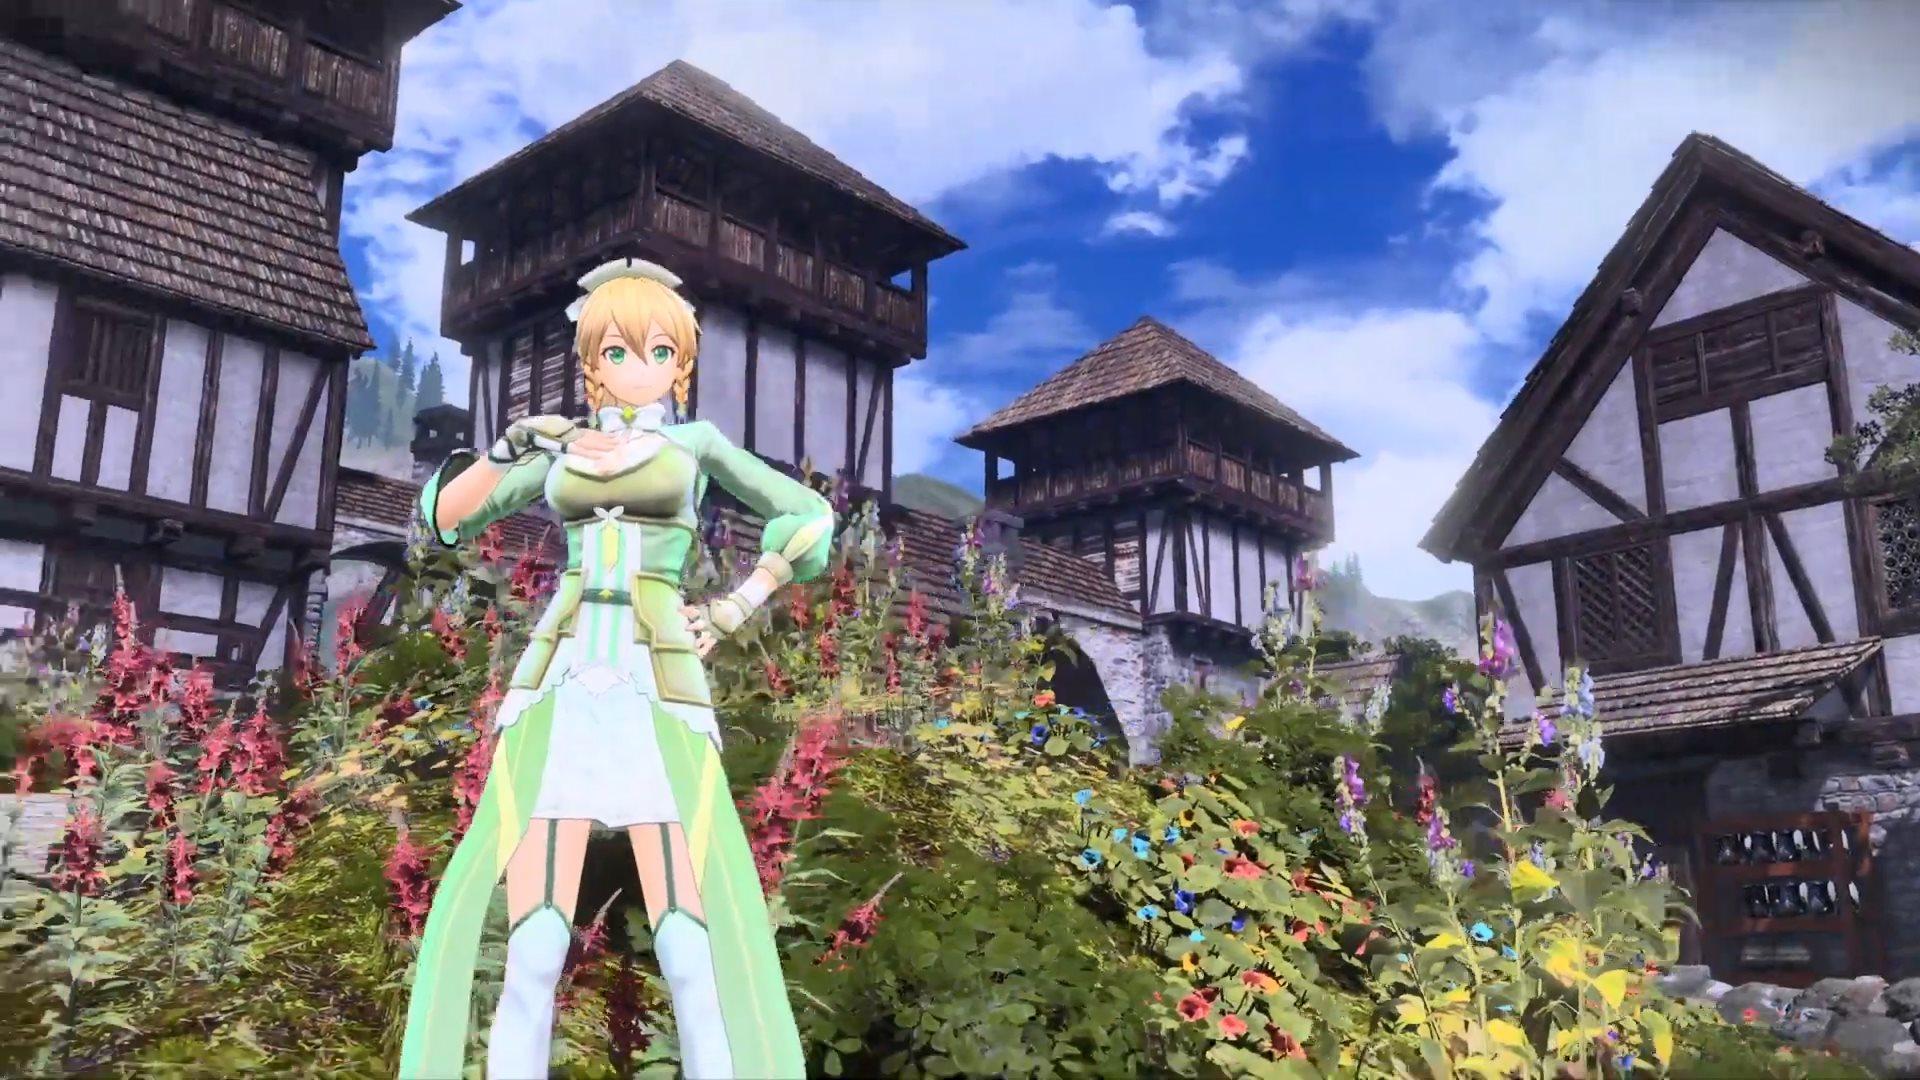 《刀剑神域:彼岸游境》角色演示 桐人之妹莉法